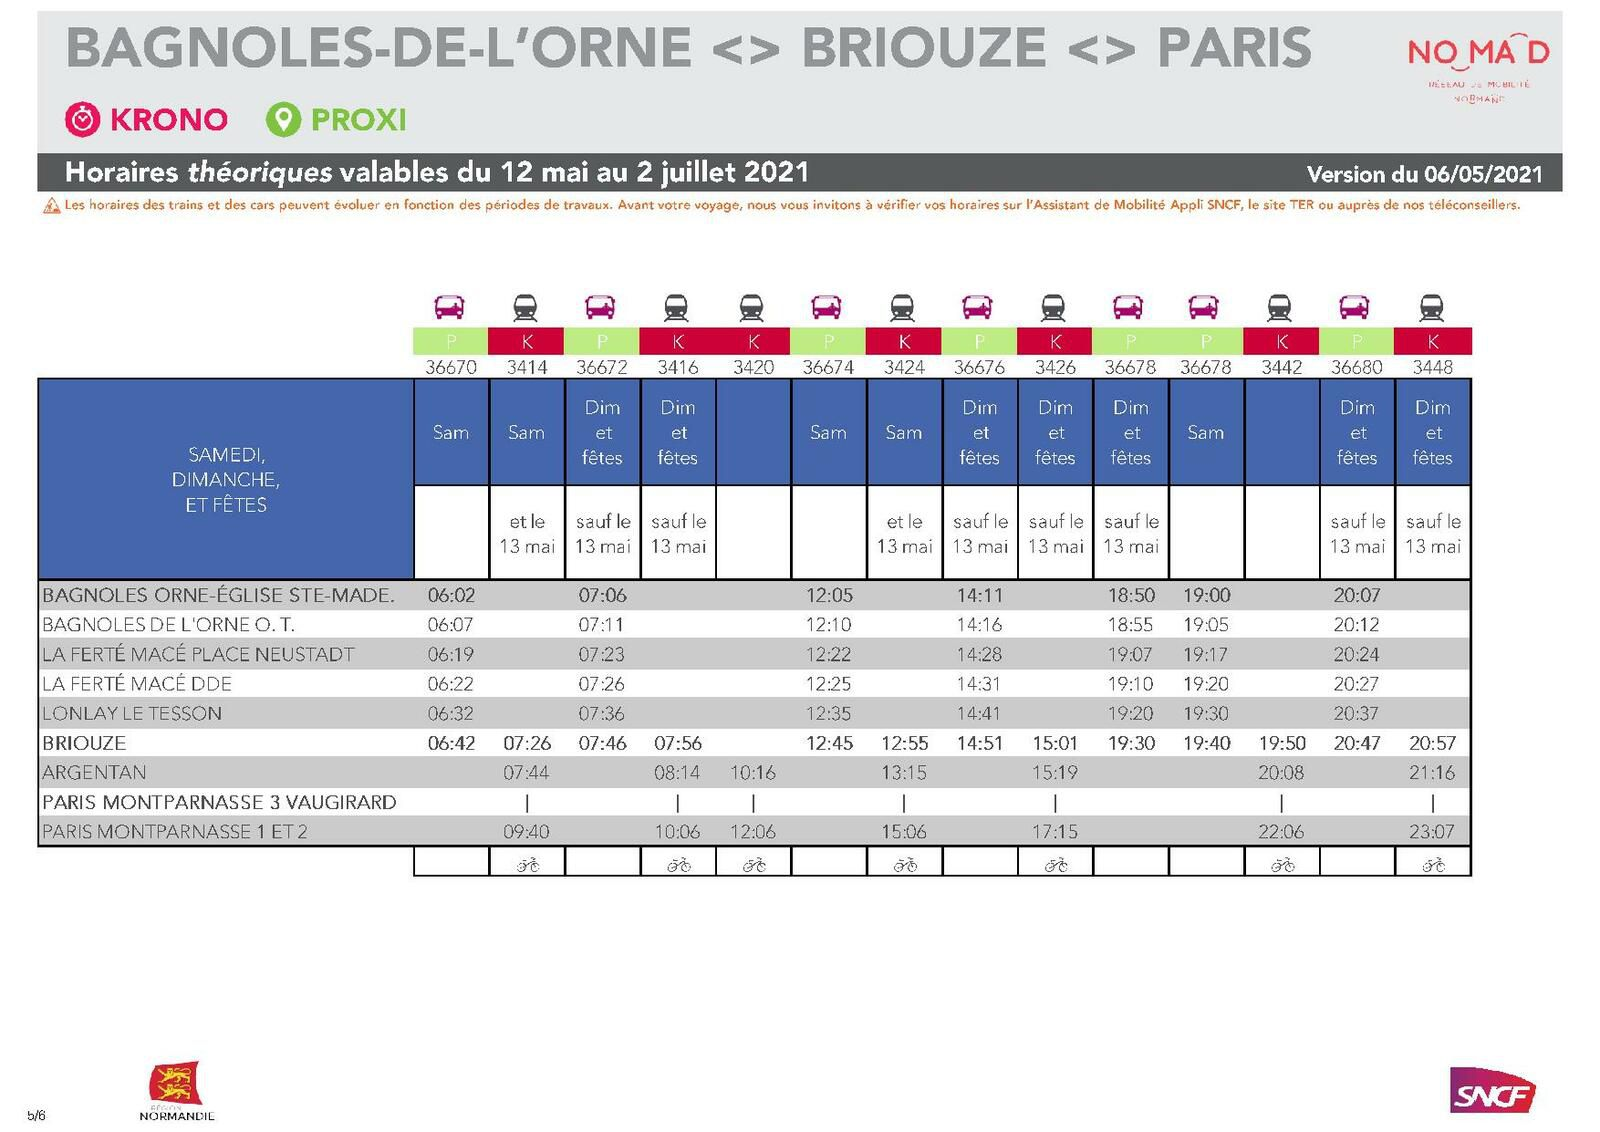 Paris Montparnasse > Bagnoles de l'Orne - Version du 6.05.2021